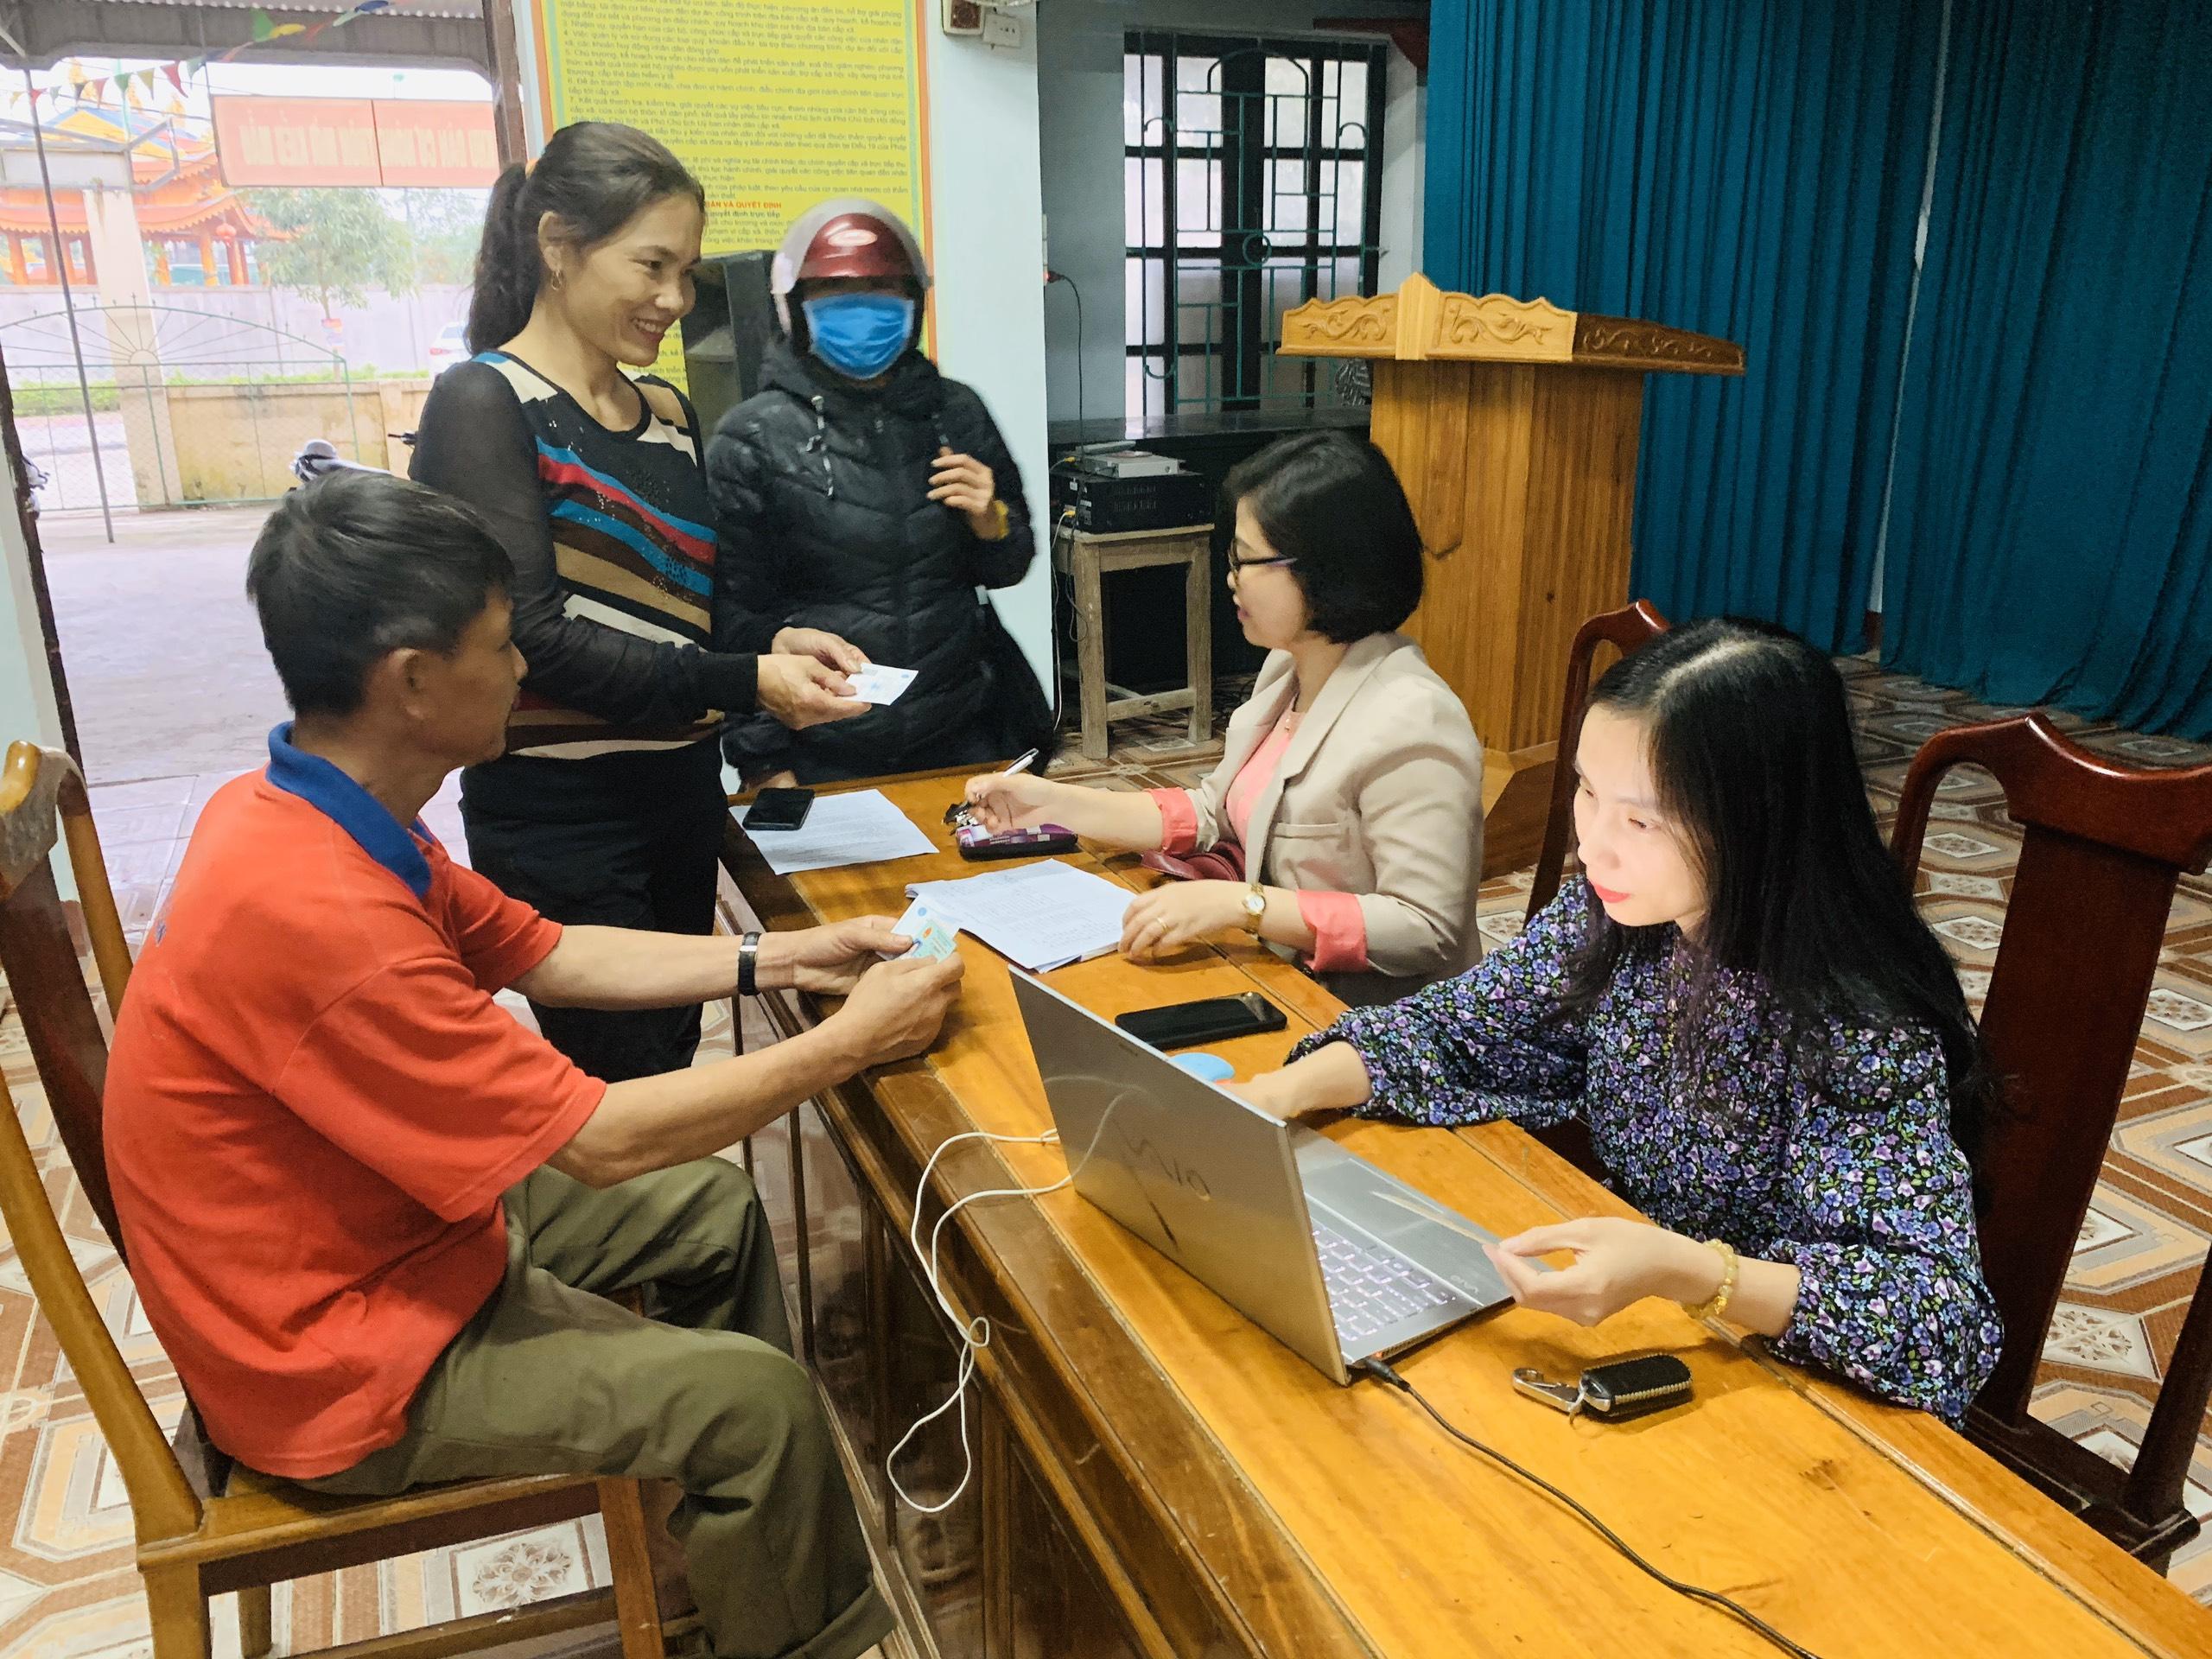 Thành phố Hà Tĩnh Tập trung thực hiện, hoàn thành công tác BHYT học sinh năm học 2019-2020